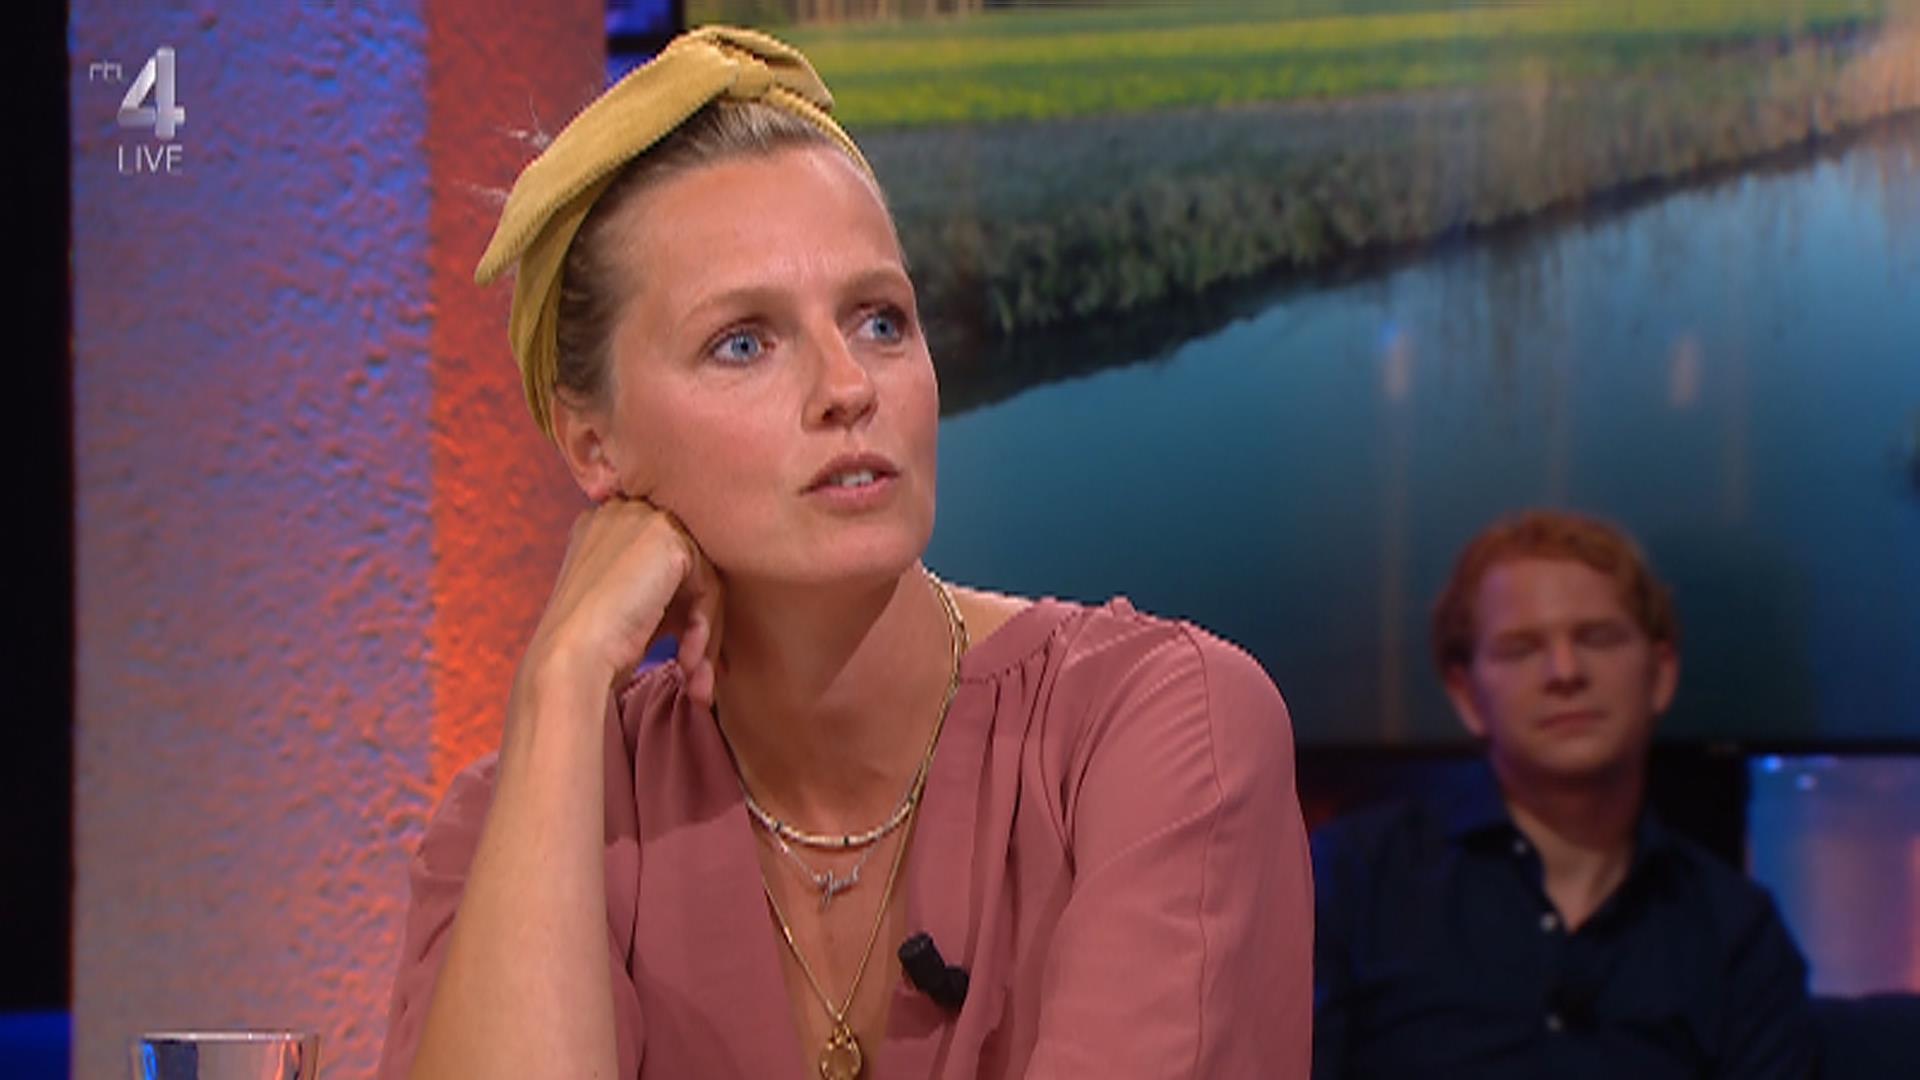 RTL4 HD 2020-05-26 22-52-19.jpg